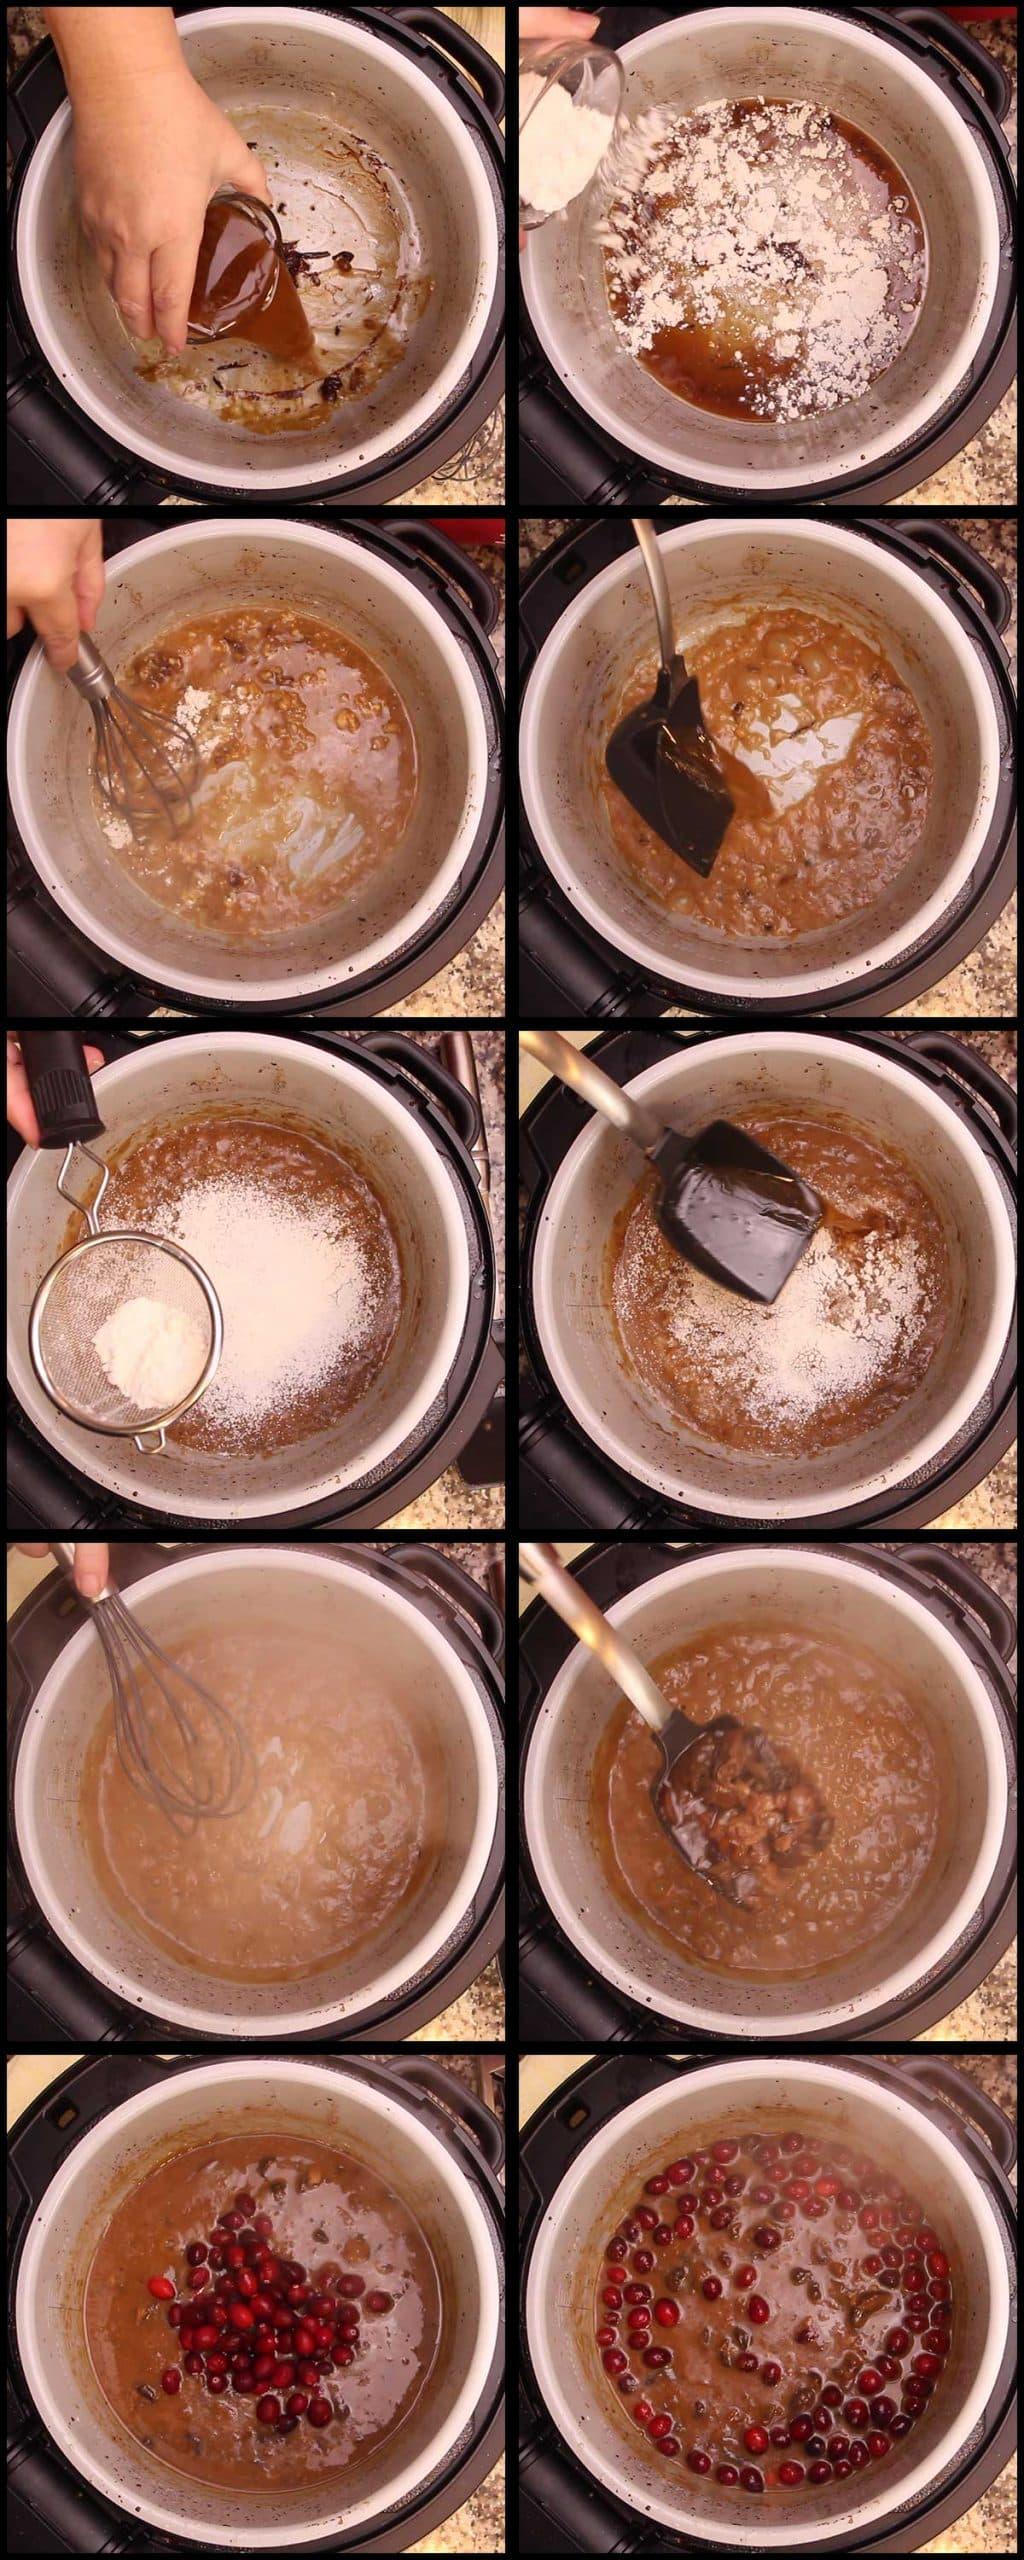 making the gravy in the inner pot